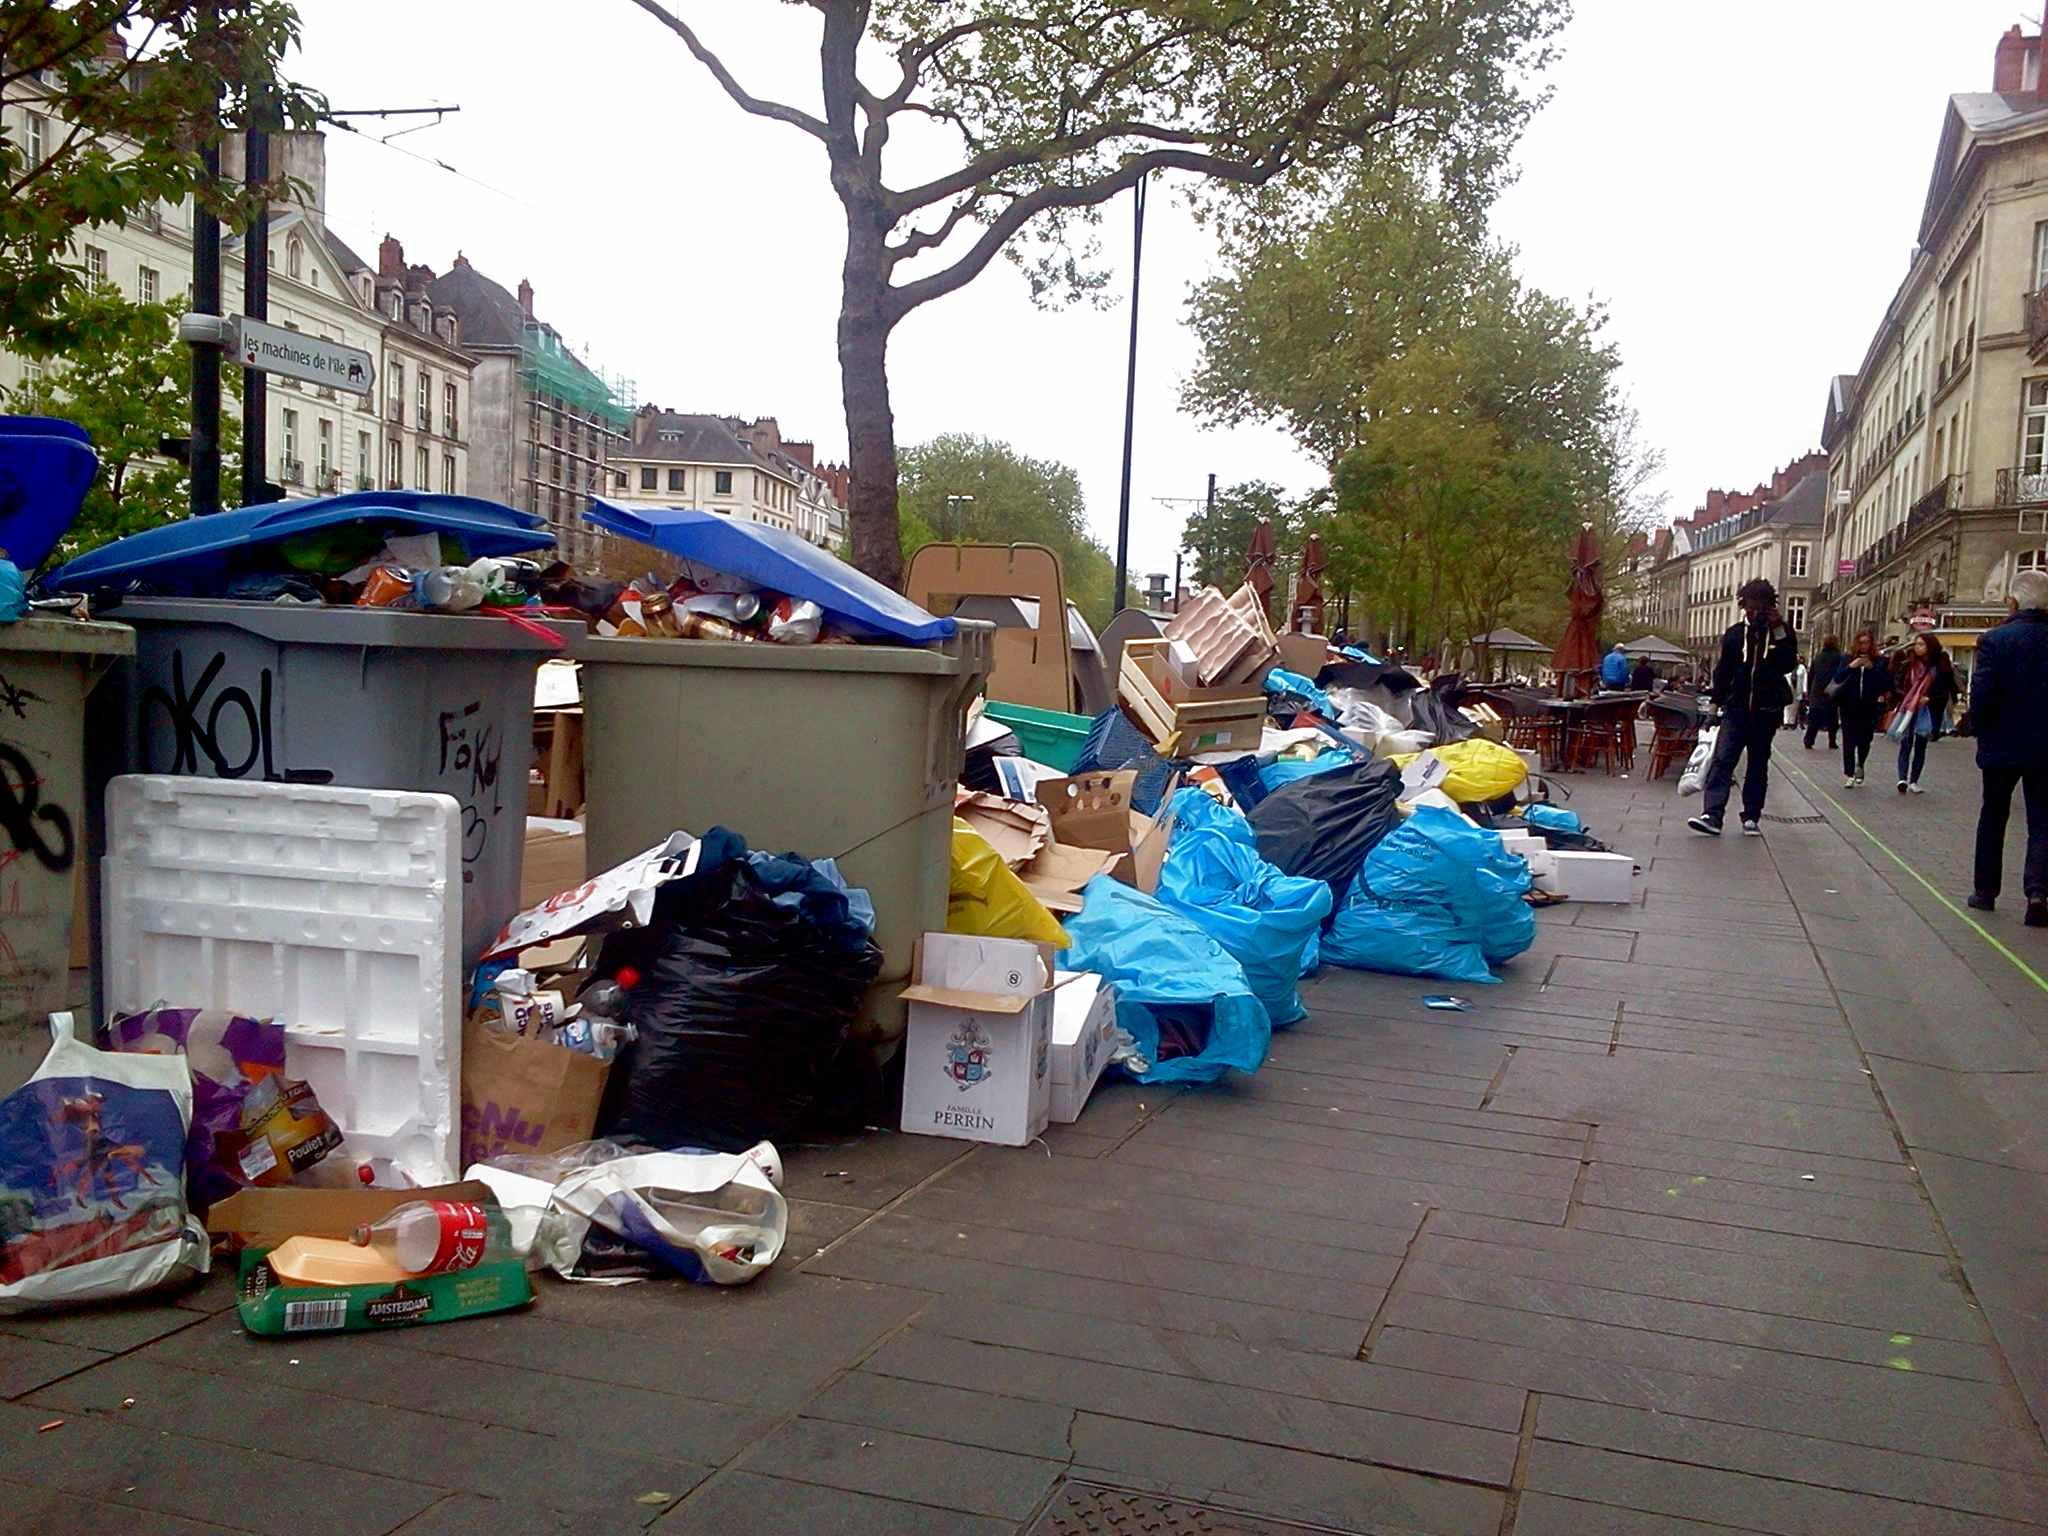 Déchets à Nantes : Fin du blocage, la collecte reprend